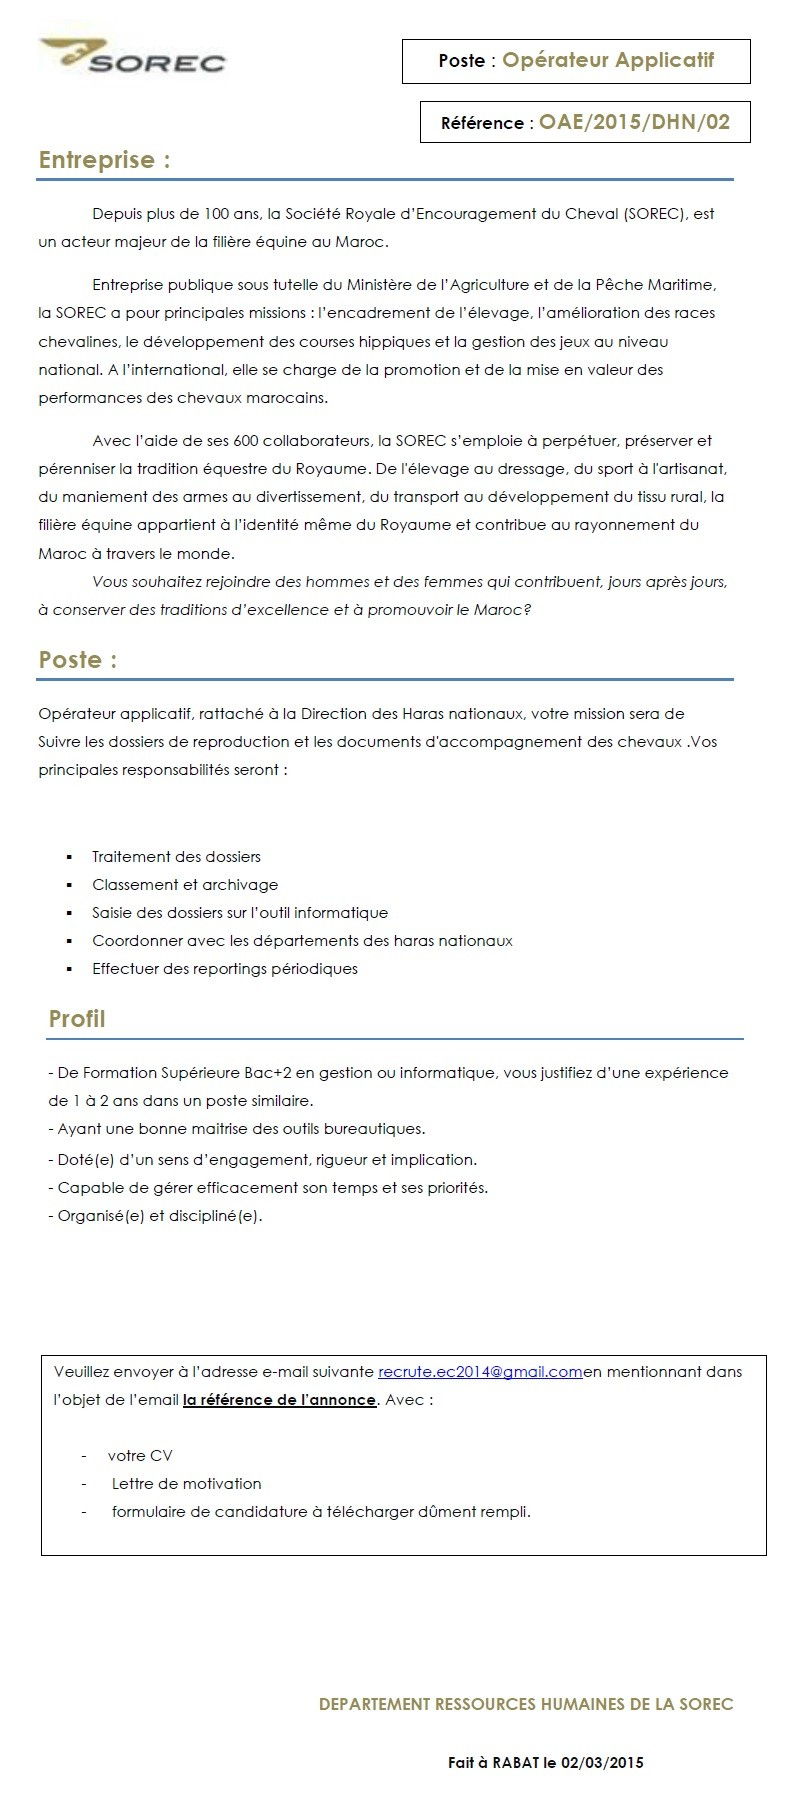 الشركة الملكية لتشجيع الفرس : مباراة لتوظيف عامل تطبيق (2 منصبان) و تقني تربية الخيول (5 مناصب) آخر أجل لإيداع الترشيحات 17 مارس 2015 Concou92